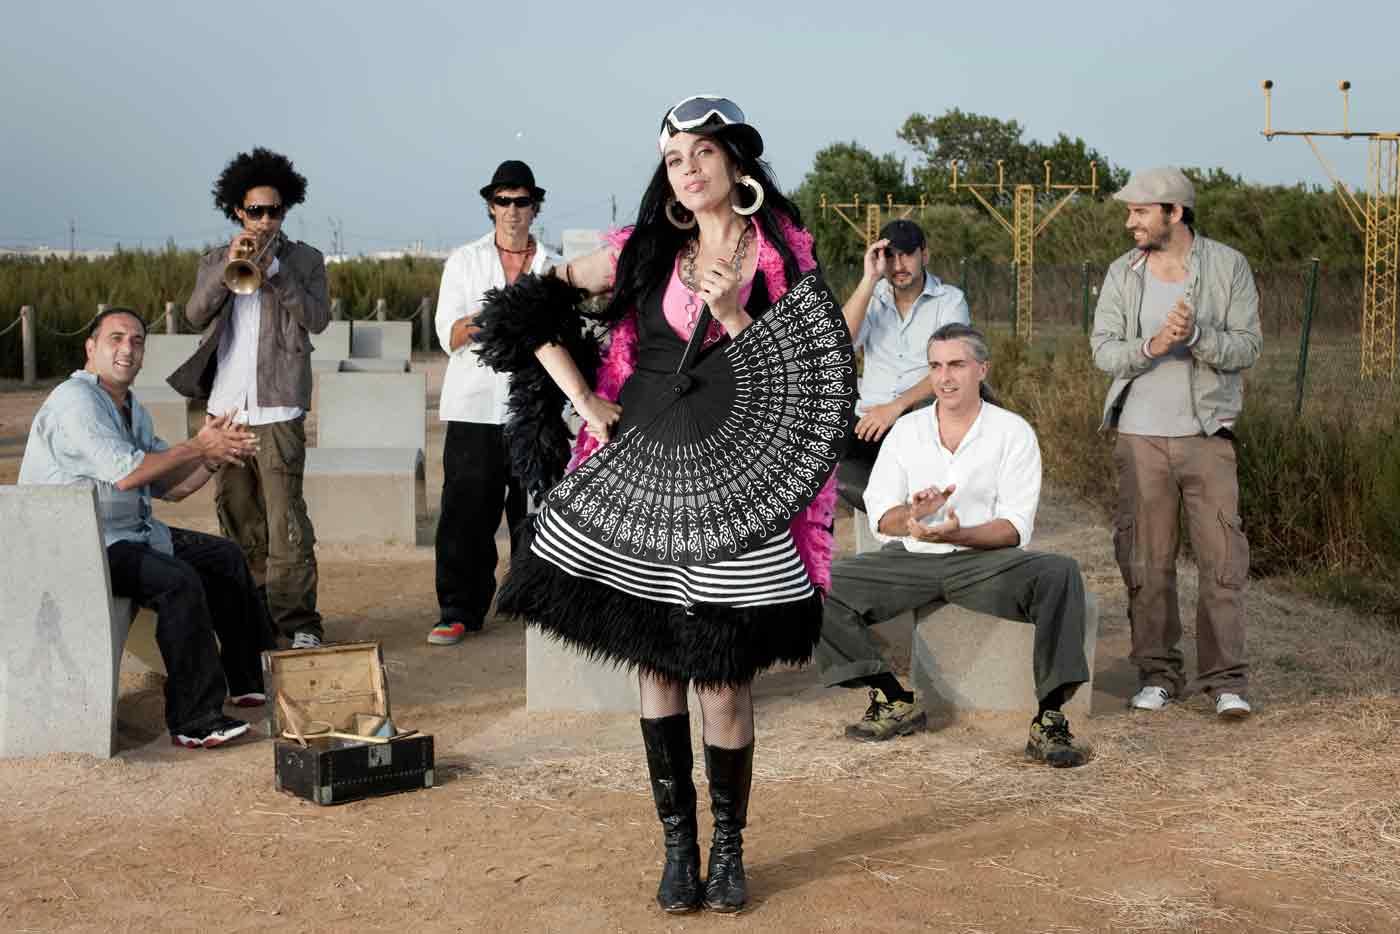 Ojos de Brujo encabeza el cartel del XX Festival Magosta